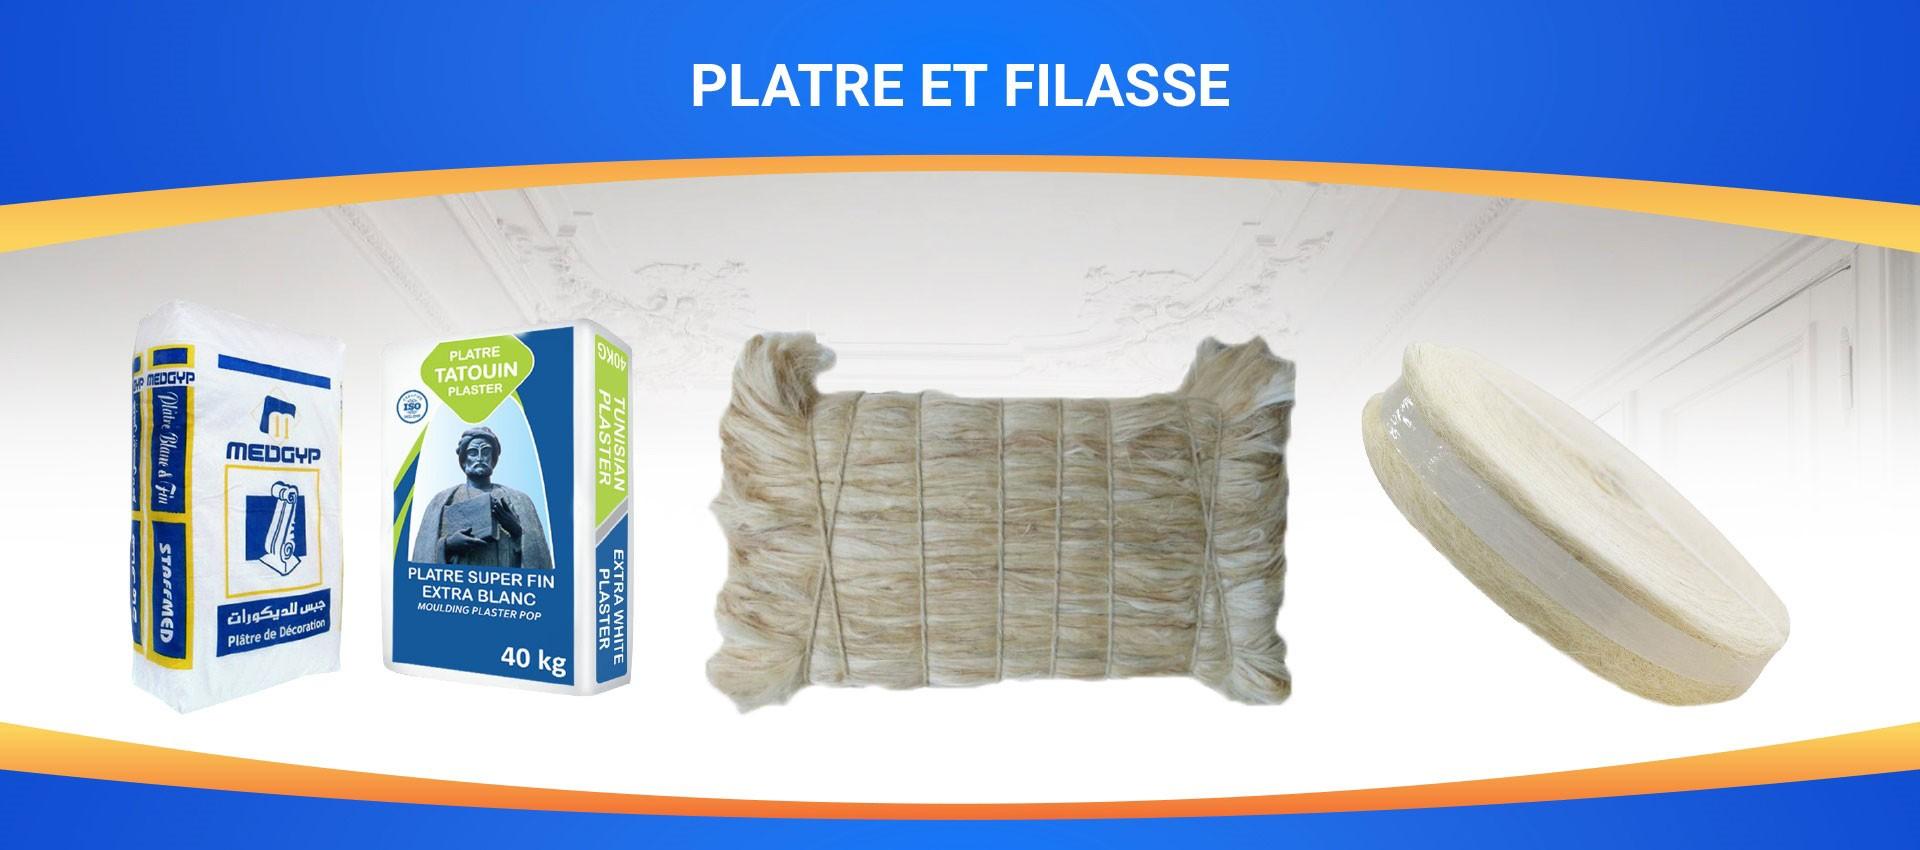 Plâtre et filasse